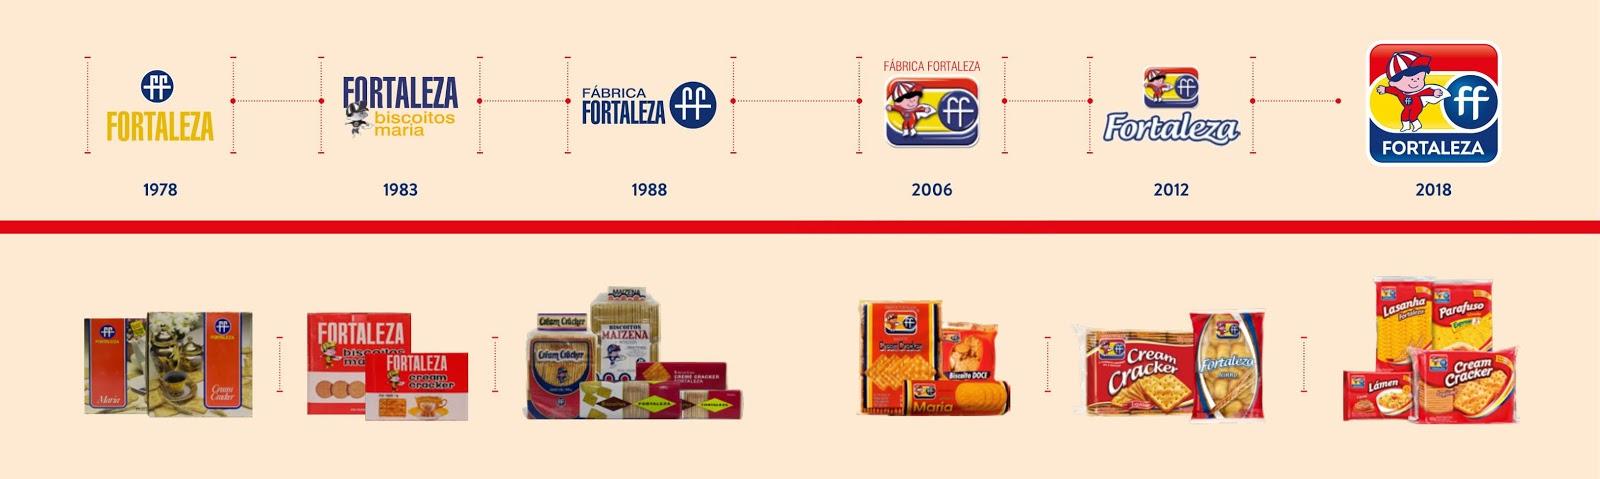 Com um portfólio de mais de 60 produtos, entre massas, massas instantâneas,  biscoitos e torradas, em maio, a Marca Fortaleza, da M. Dias Branco, ... efdb570238